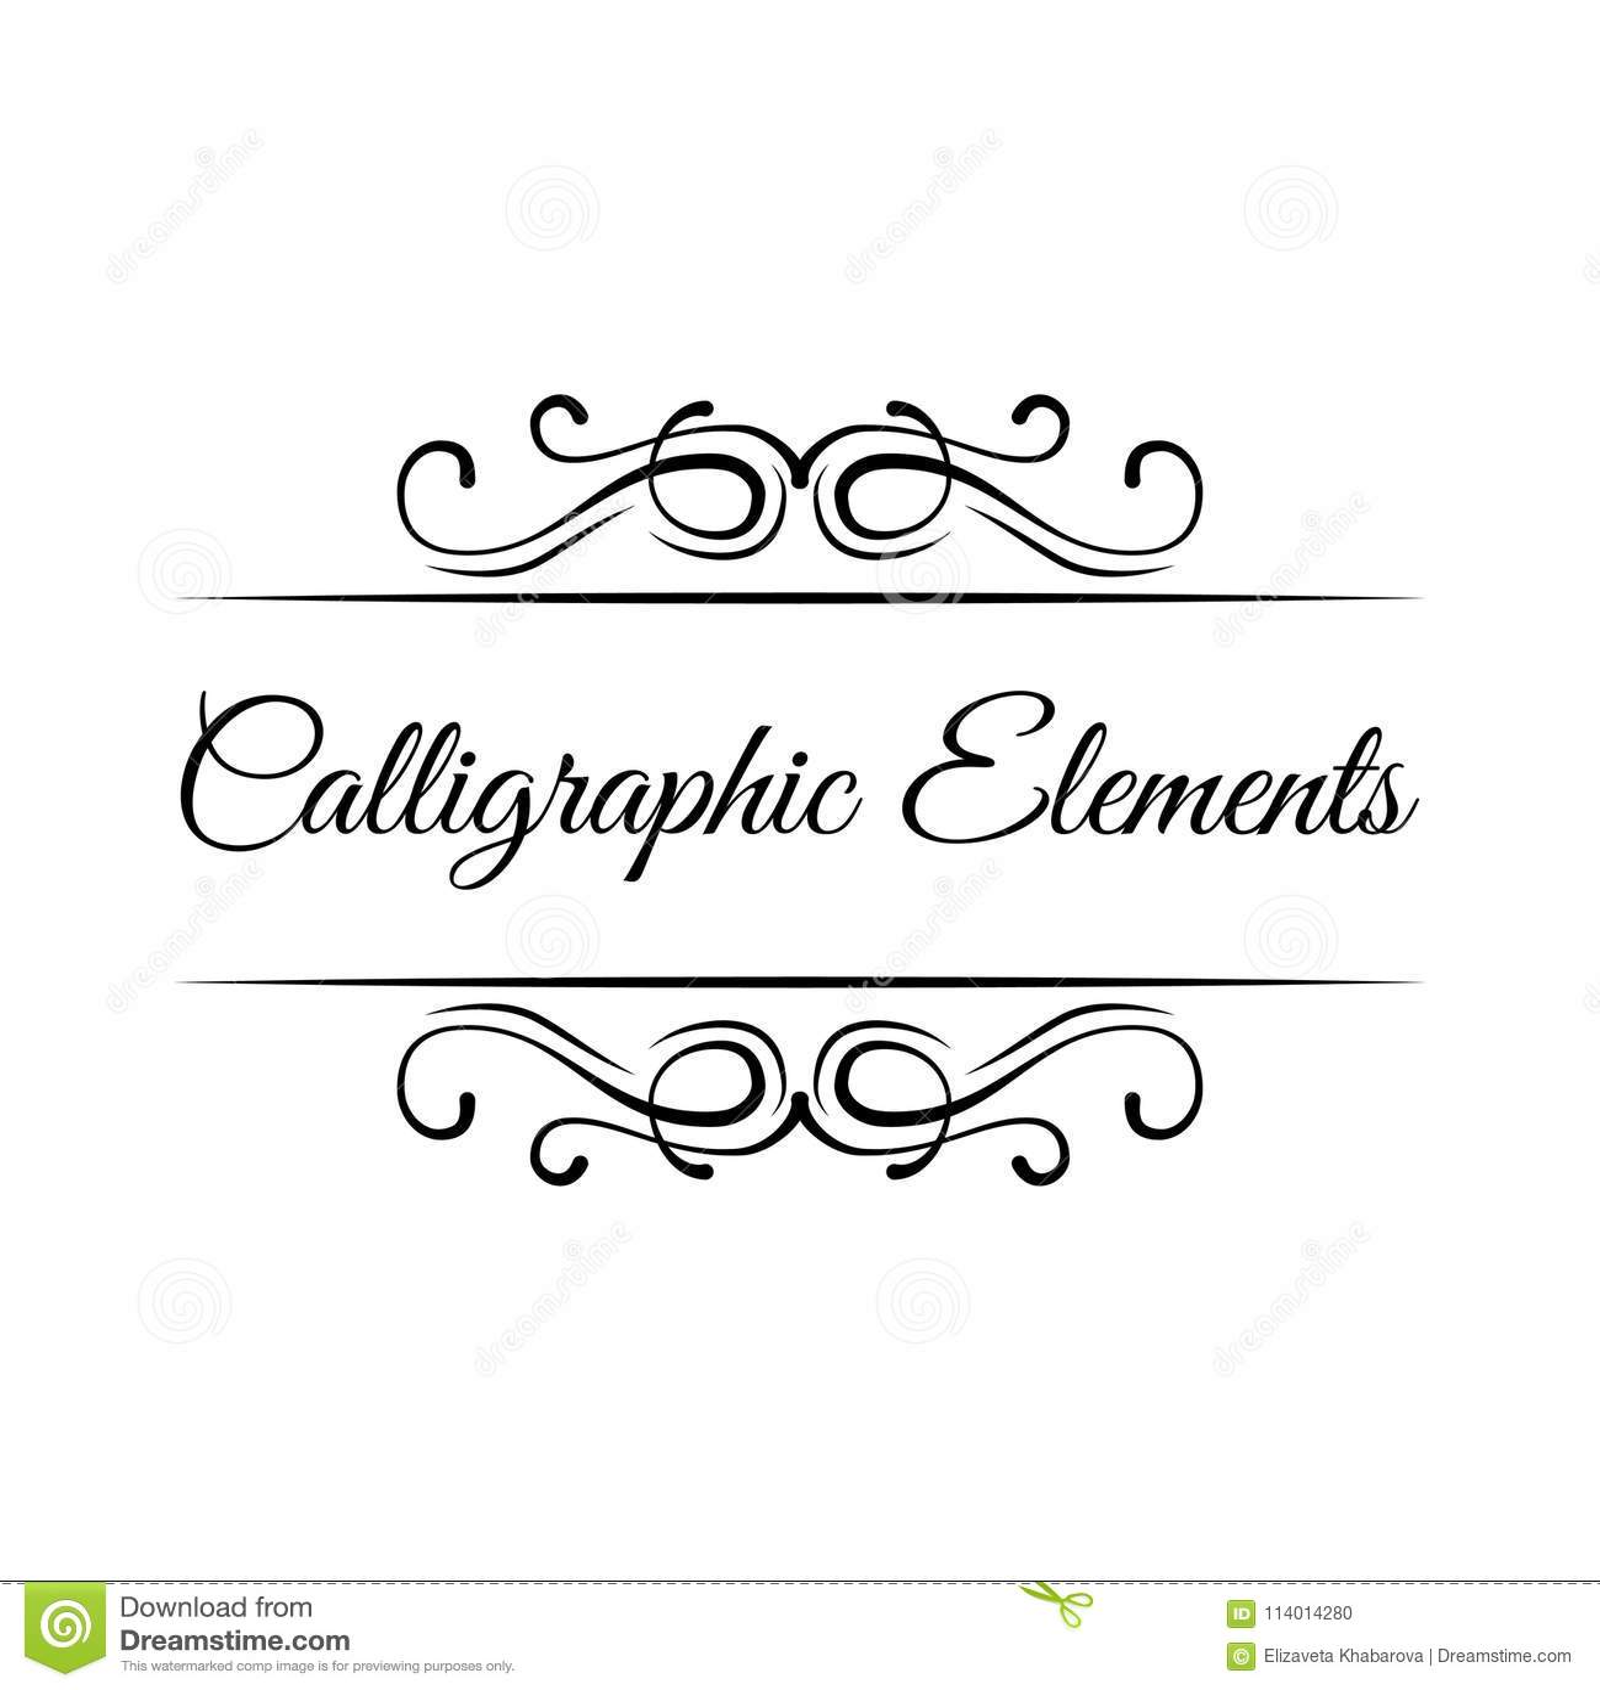 Download Calligraphic Elements Vintage Frame Border Scroll Floral Ornament Decorative Design Element Vector